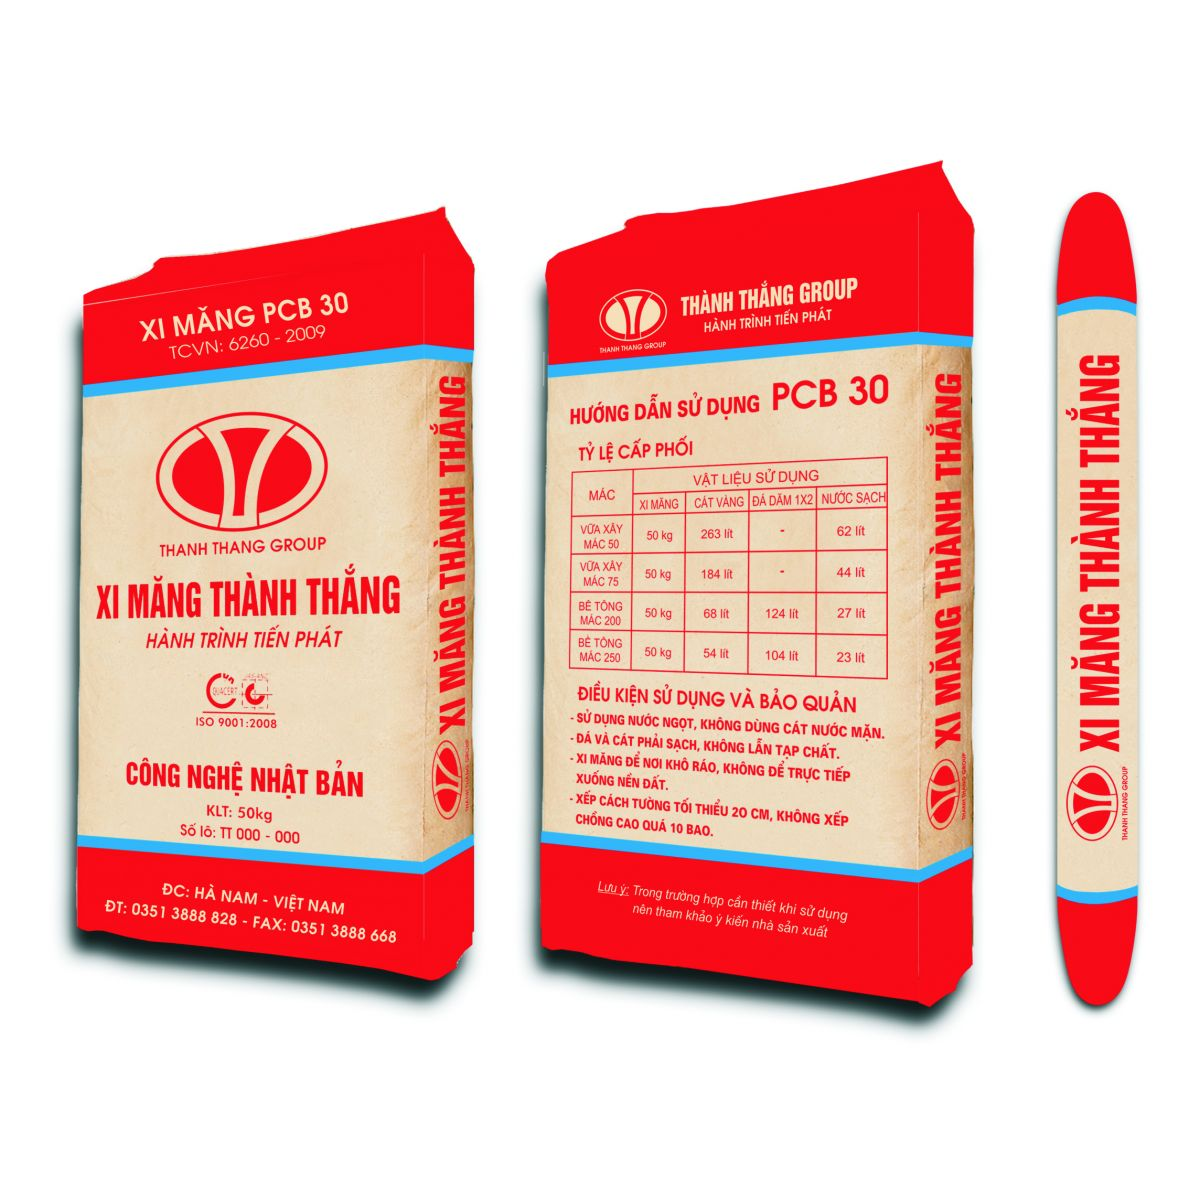 Xi Măng Thành Thắng PCB30